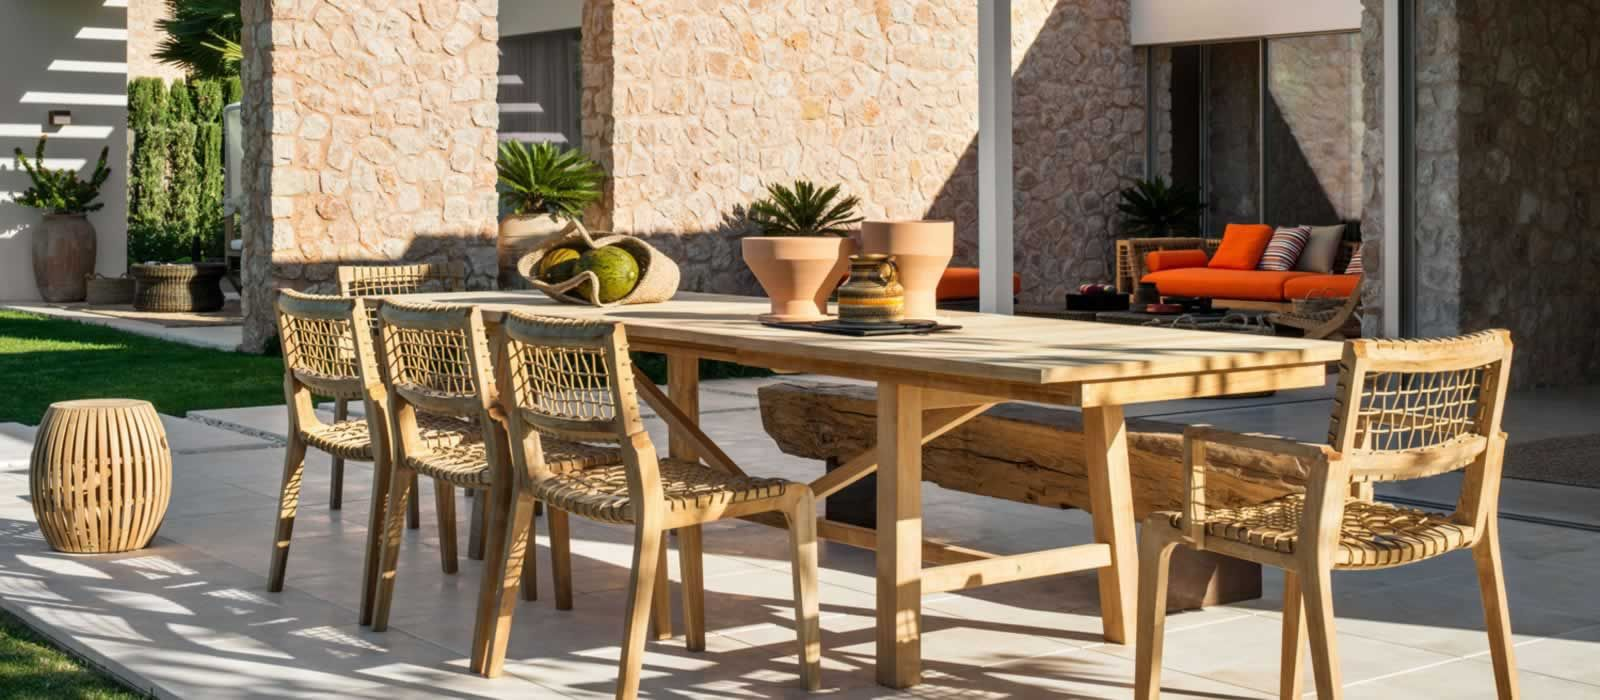 Synthesis - Garden Furniture - Unopiu | Terrasse | Garden chairs ...